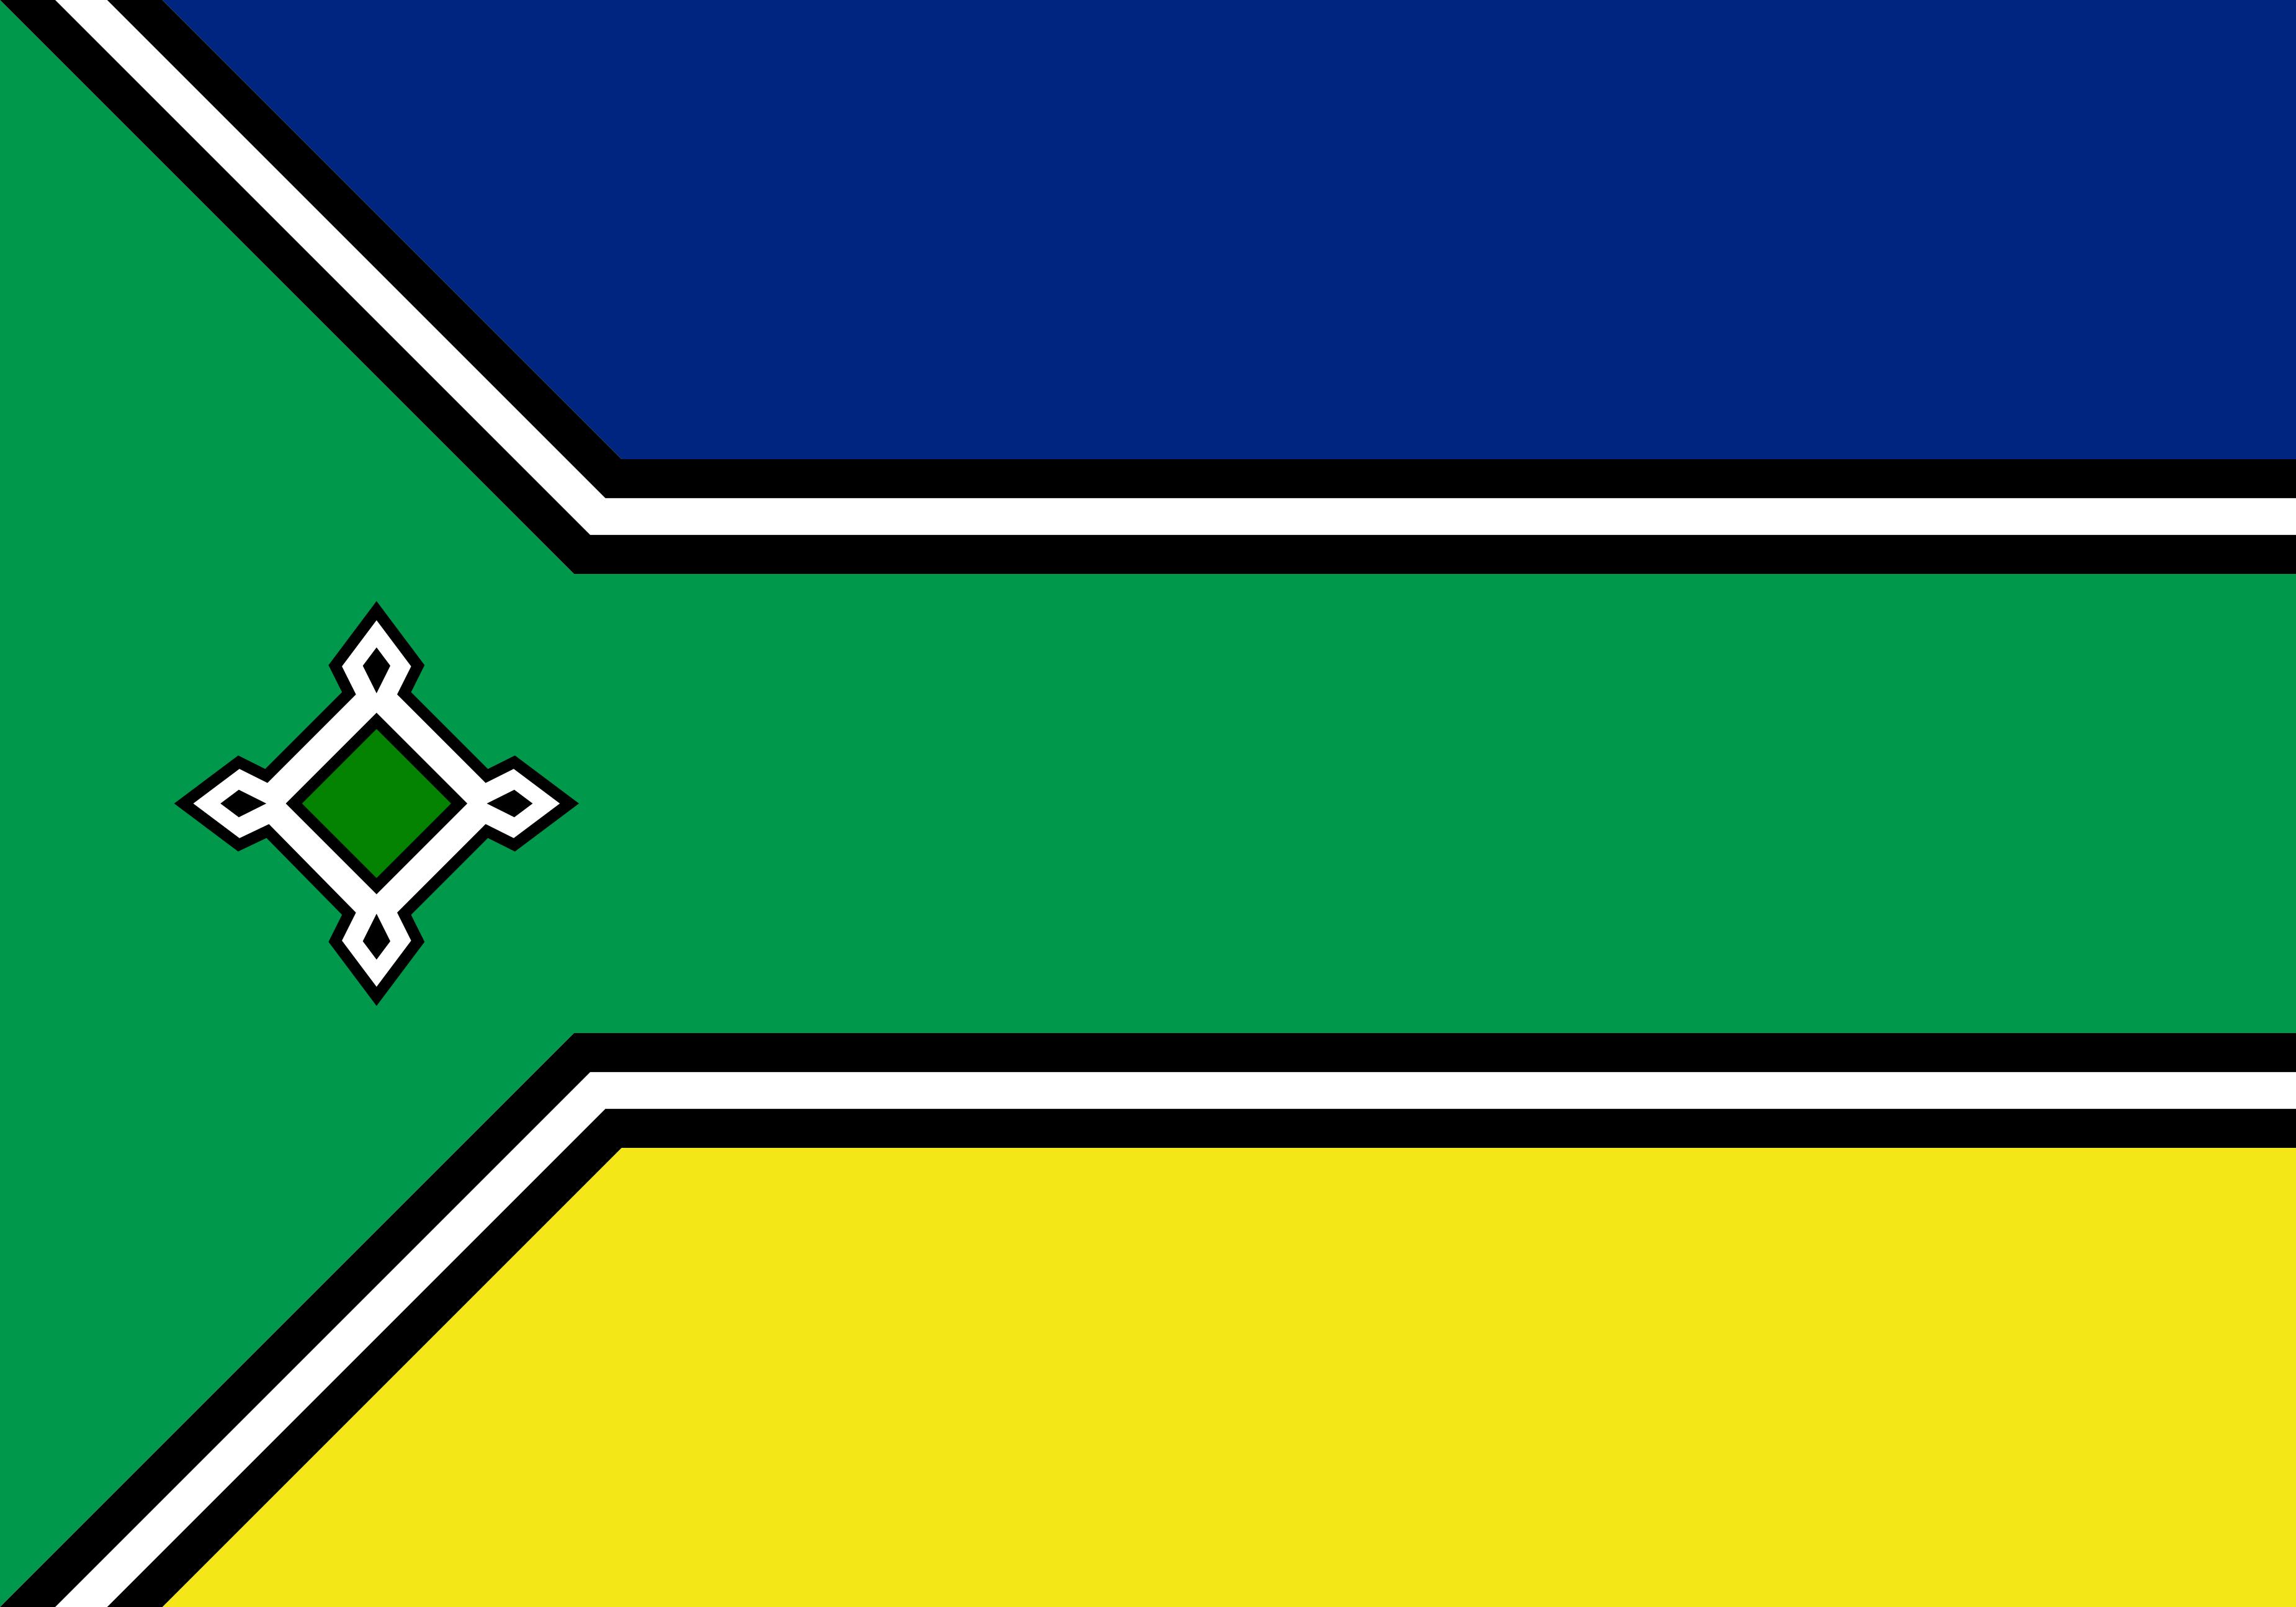 bandeira-do-amapa-estado